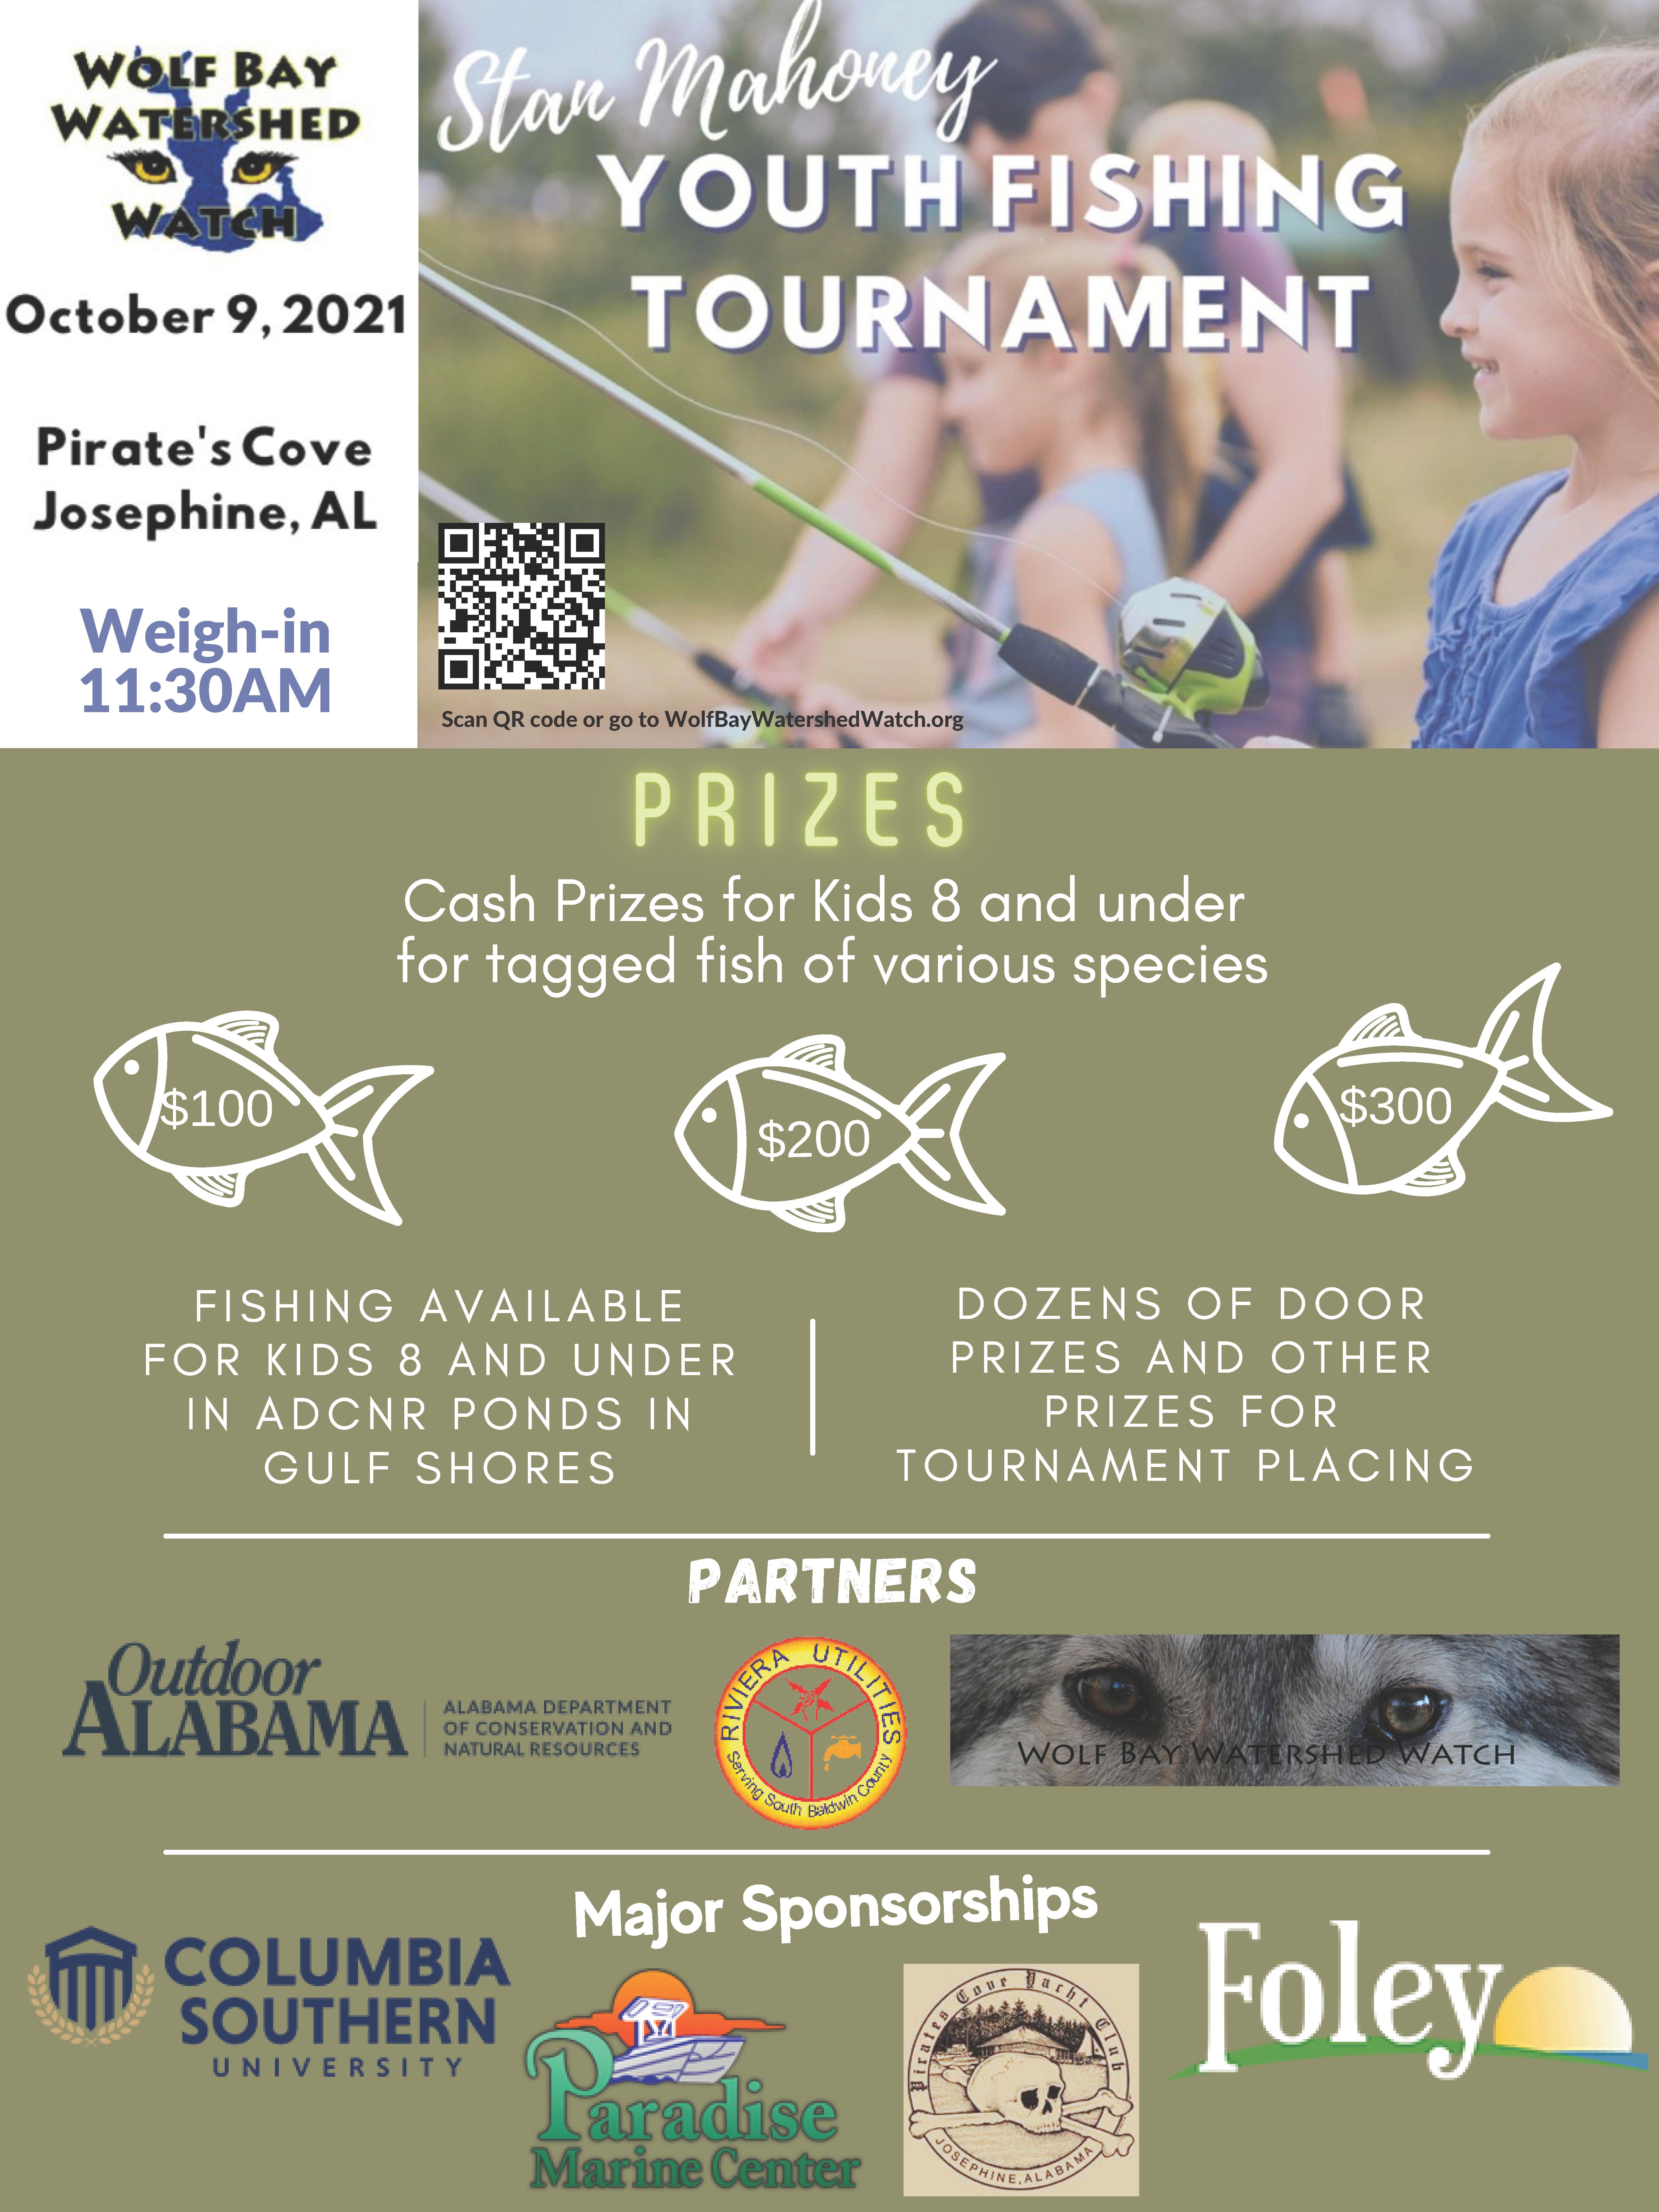 Stan Mahoney Youth Fishing Tournament